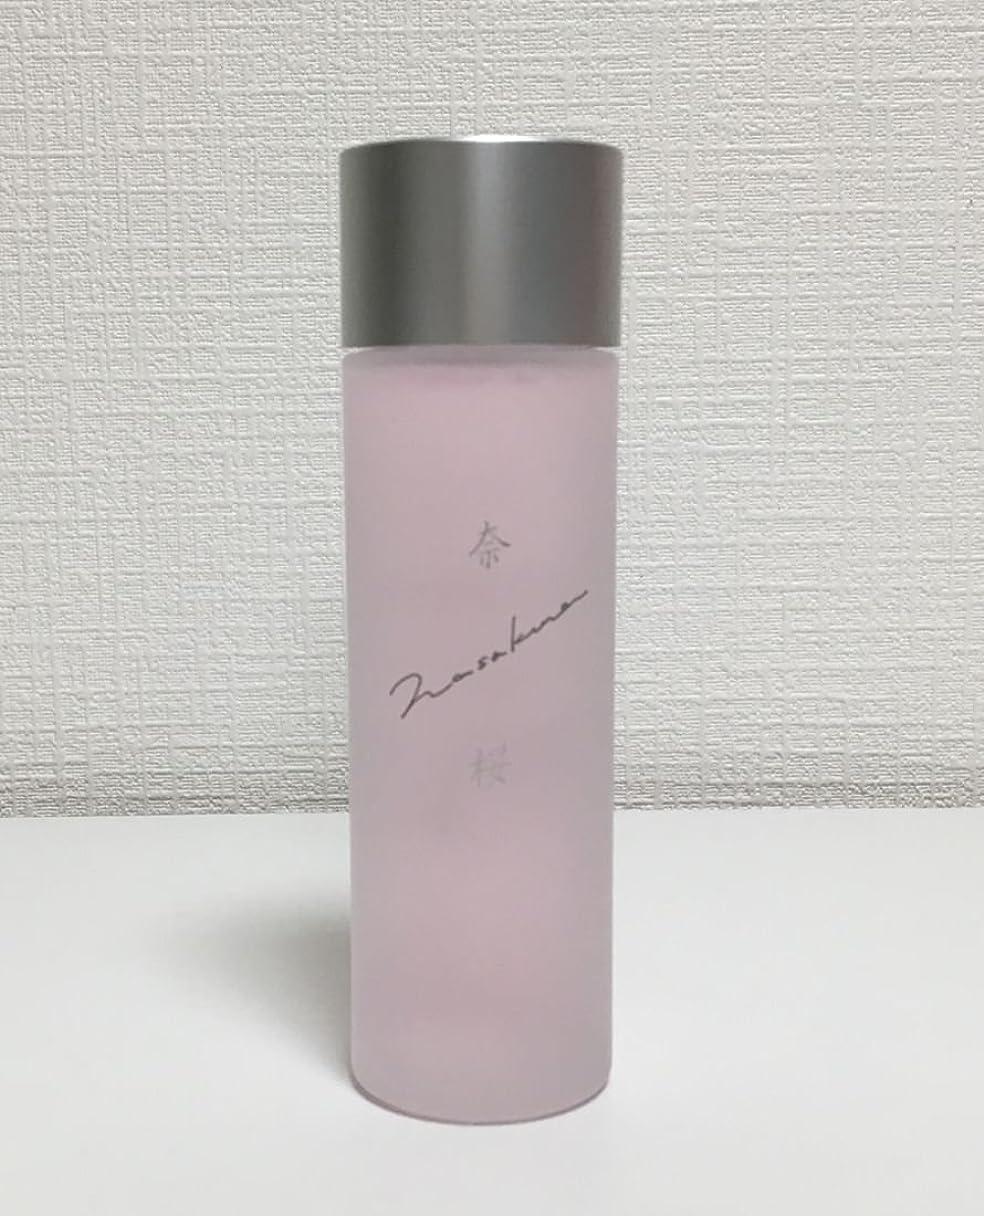 試みる歴史同盟奈桜 化粧水 / nasakura lotion 100ml